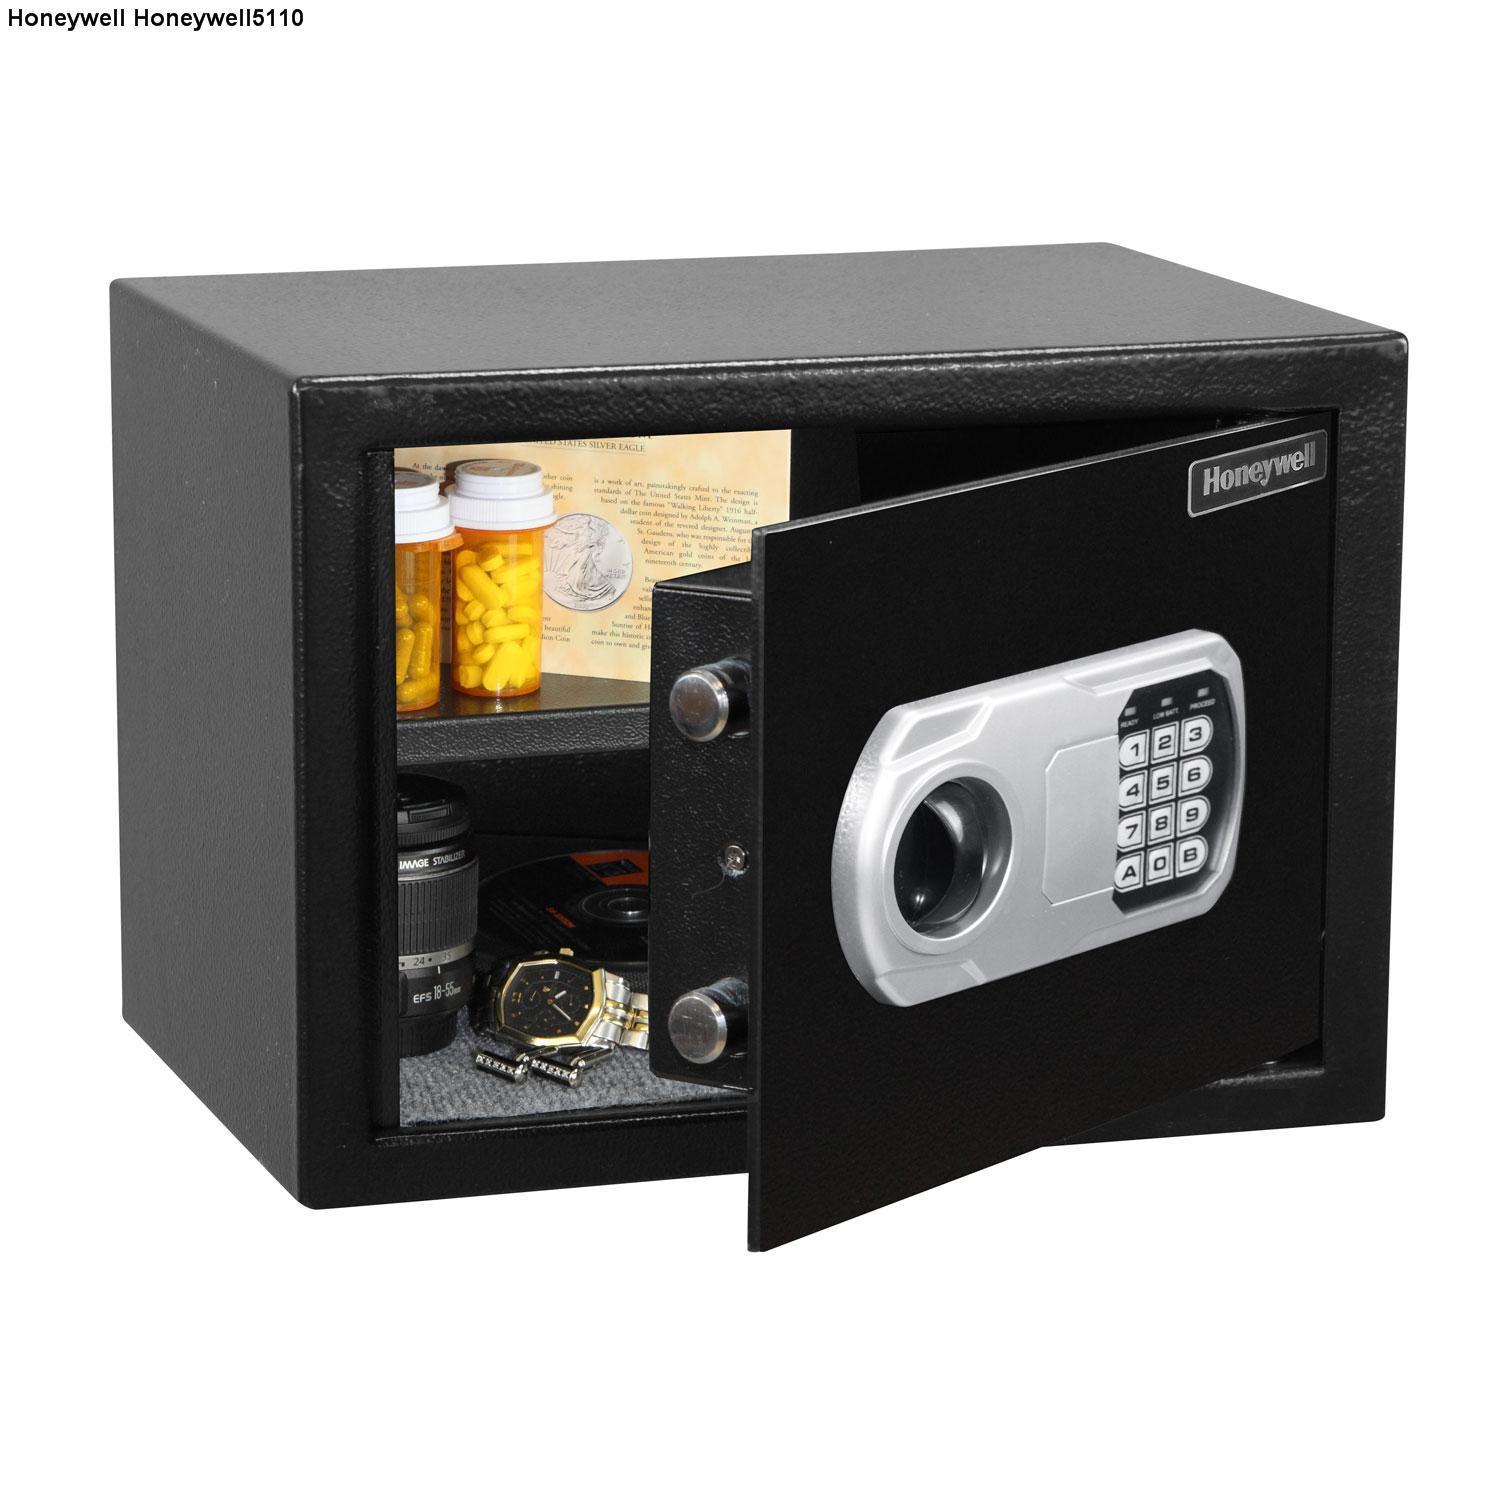 Két sắt an toàn Honeywell 5110 đen (khoá điện tử)